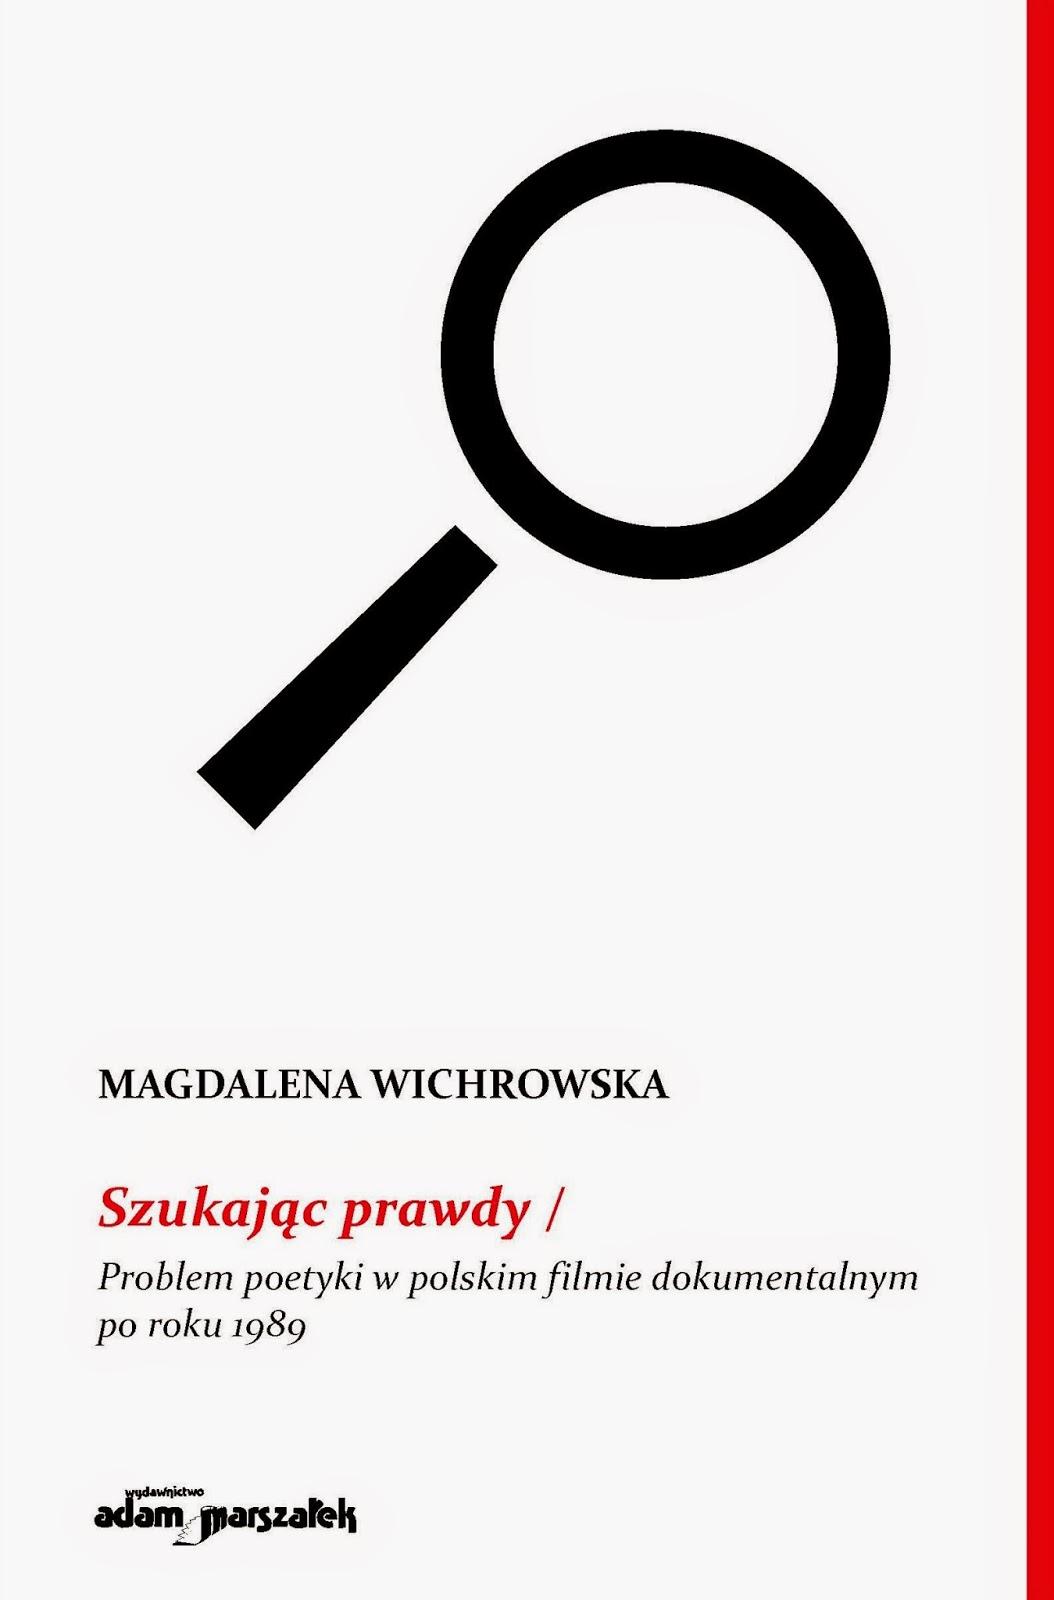 """Nie bądź realistą: mów prawdę -recenzja """"Szukając prawdy"""" Magdaleny Wichrowskiej"""